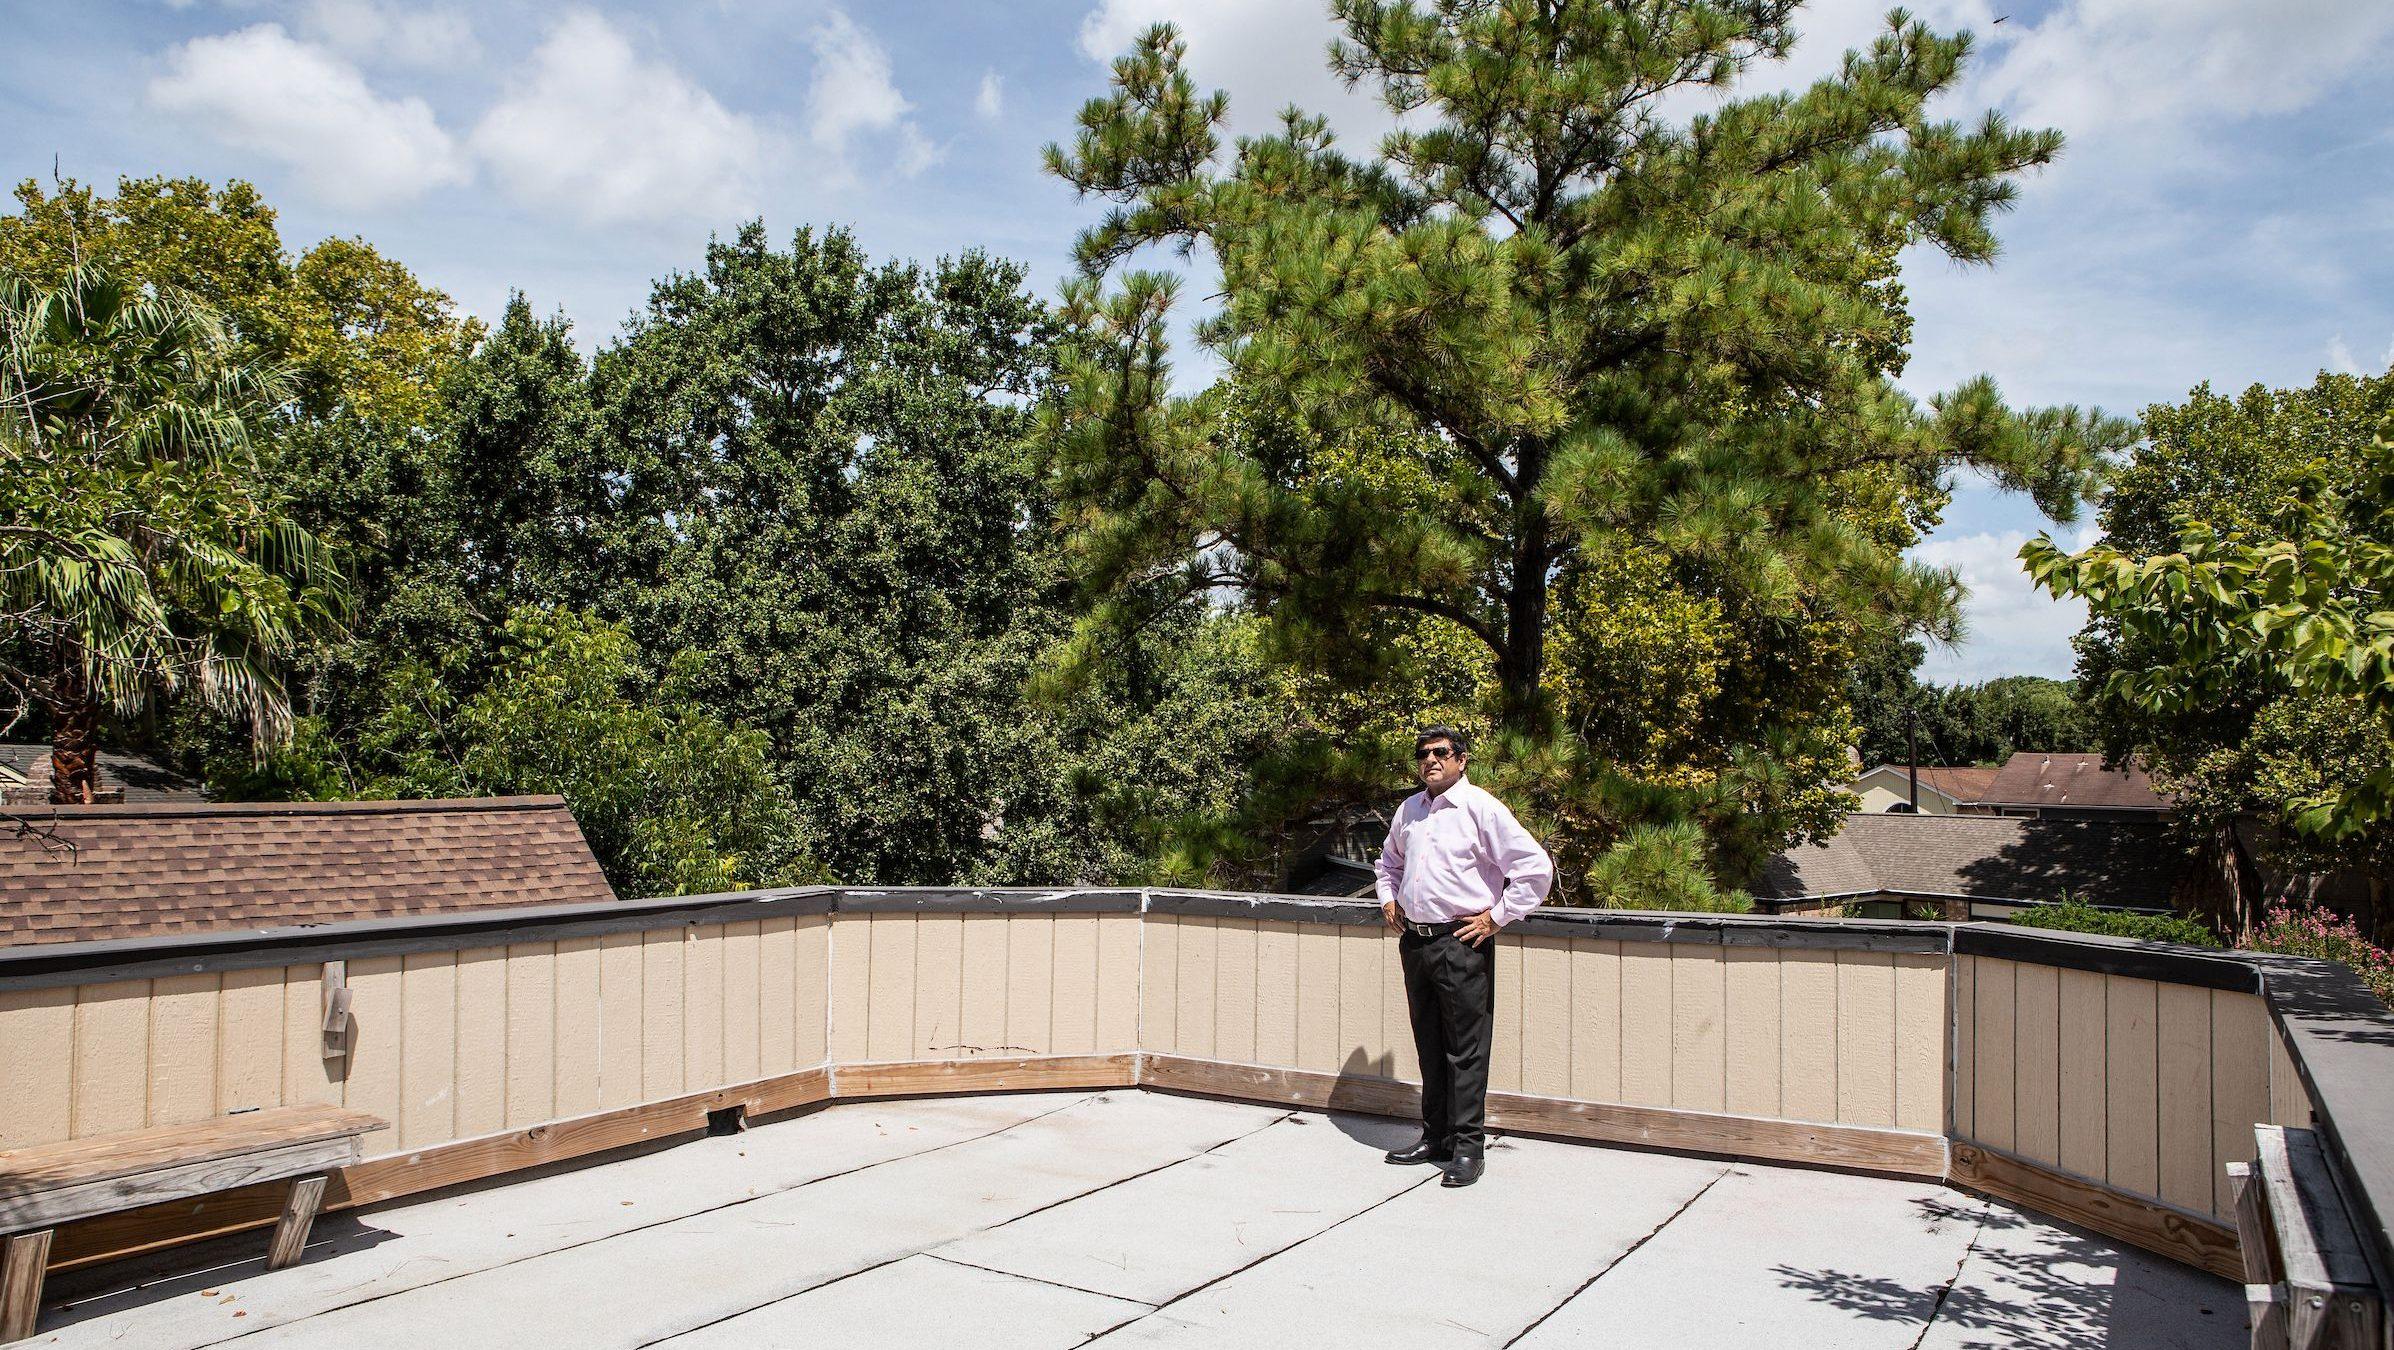 Hurricane Harvey: Houston man spent $100K on flood